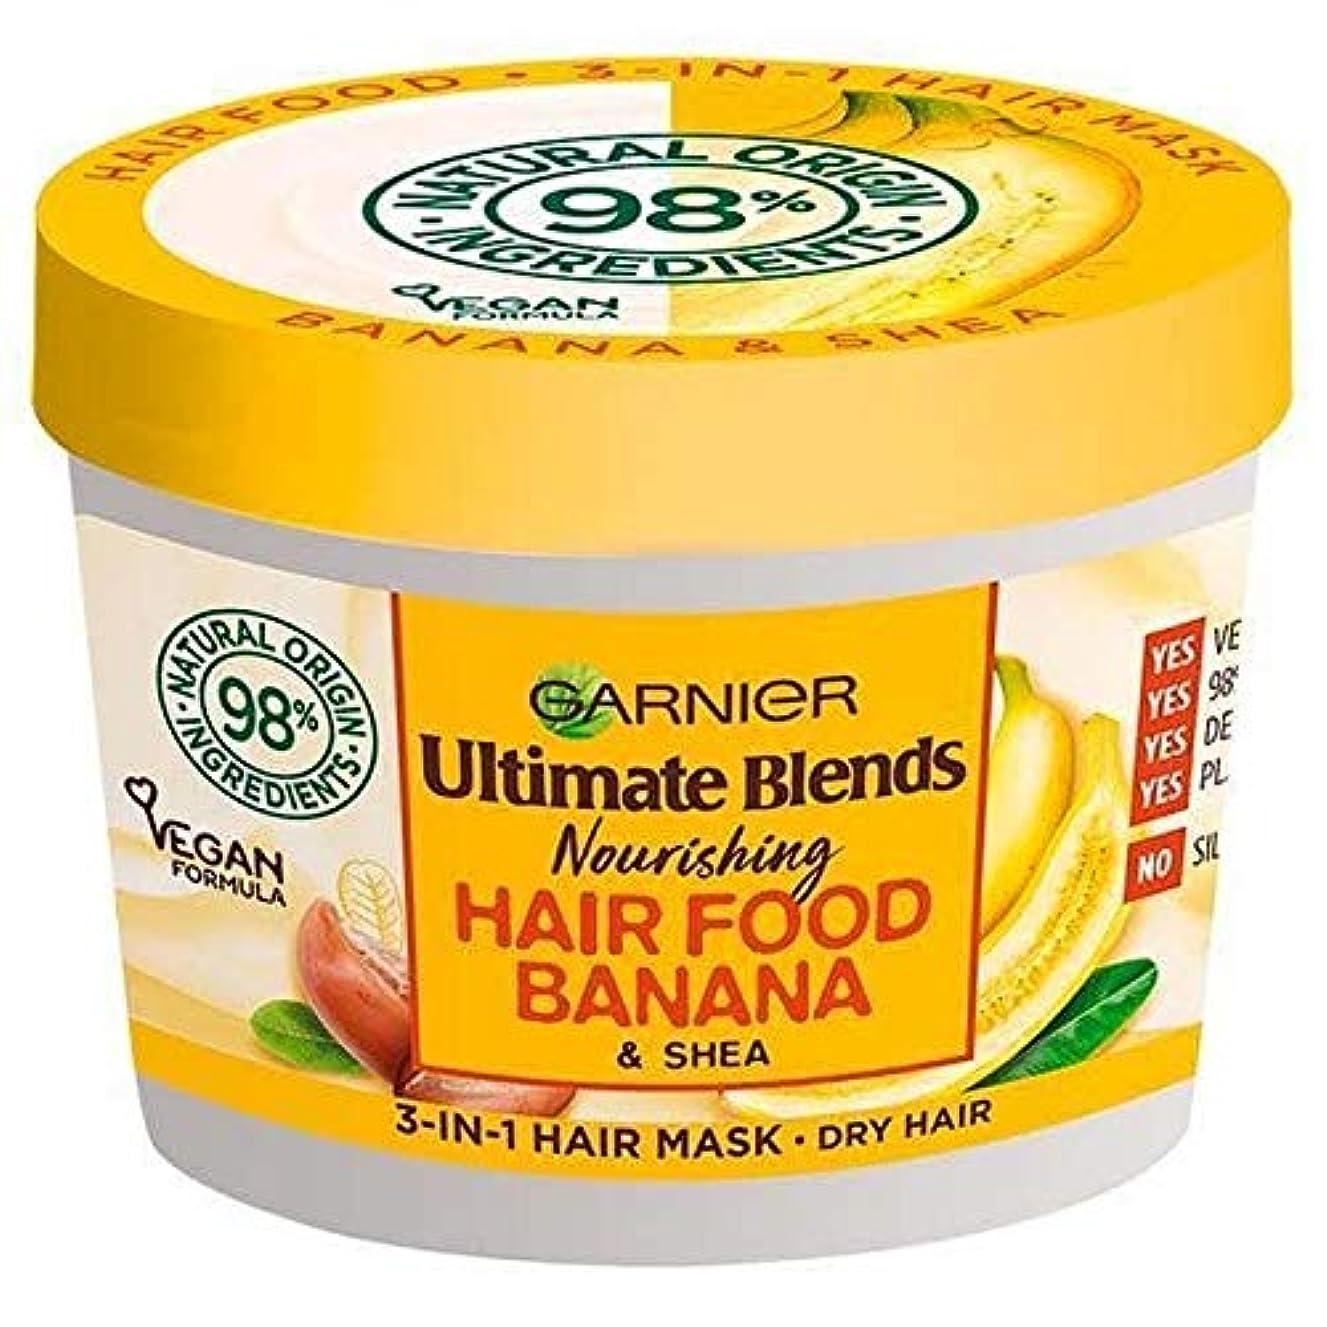 不格好ラベル家族[Garnier ] ガルニエ究極は1つのマスク390ミリリットルでヘア食品バナナ3をブレンド - Garnier Ultimate Blends Hair Food Banana 3 in 1 Mask 390ml [...